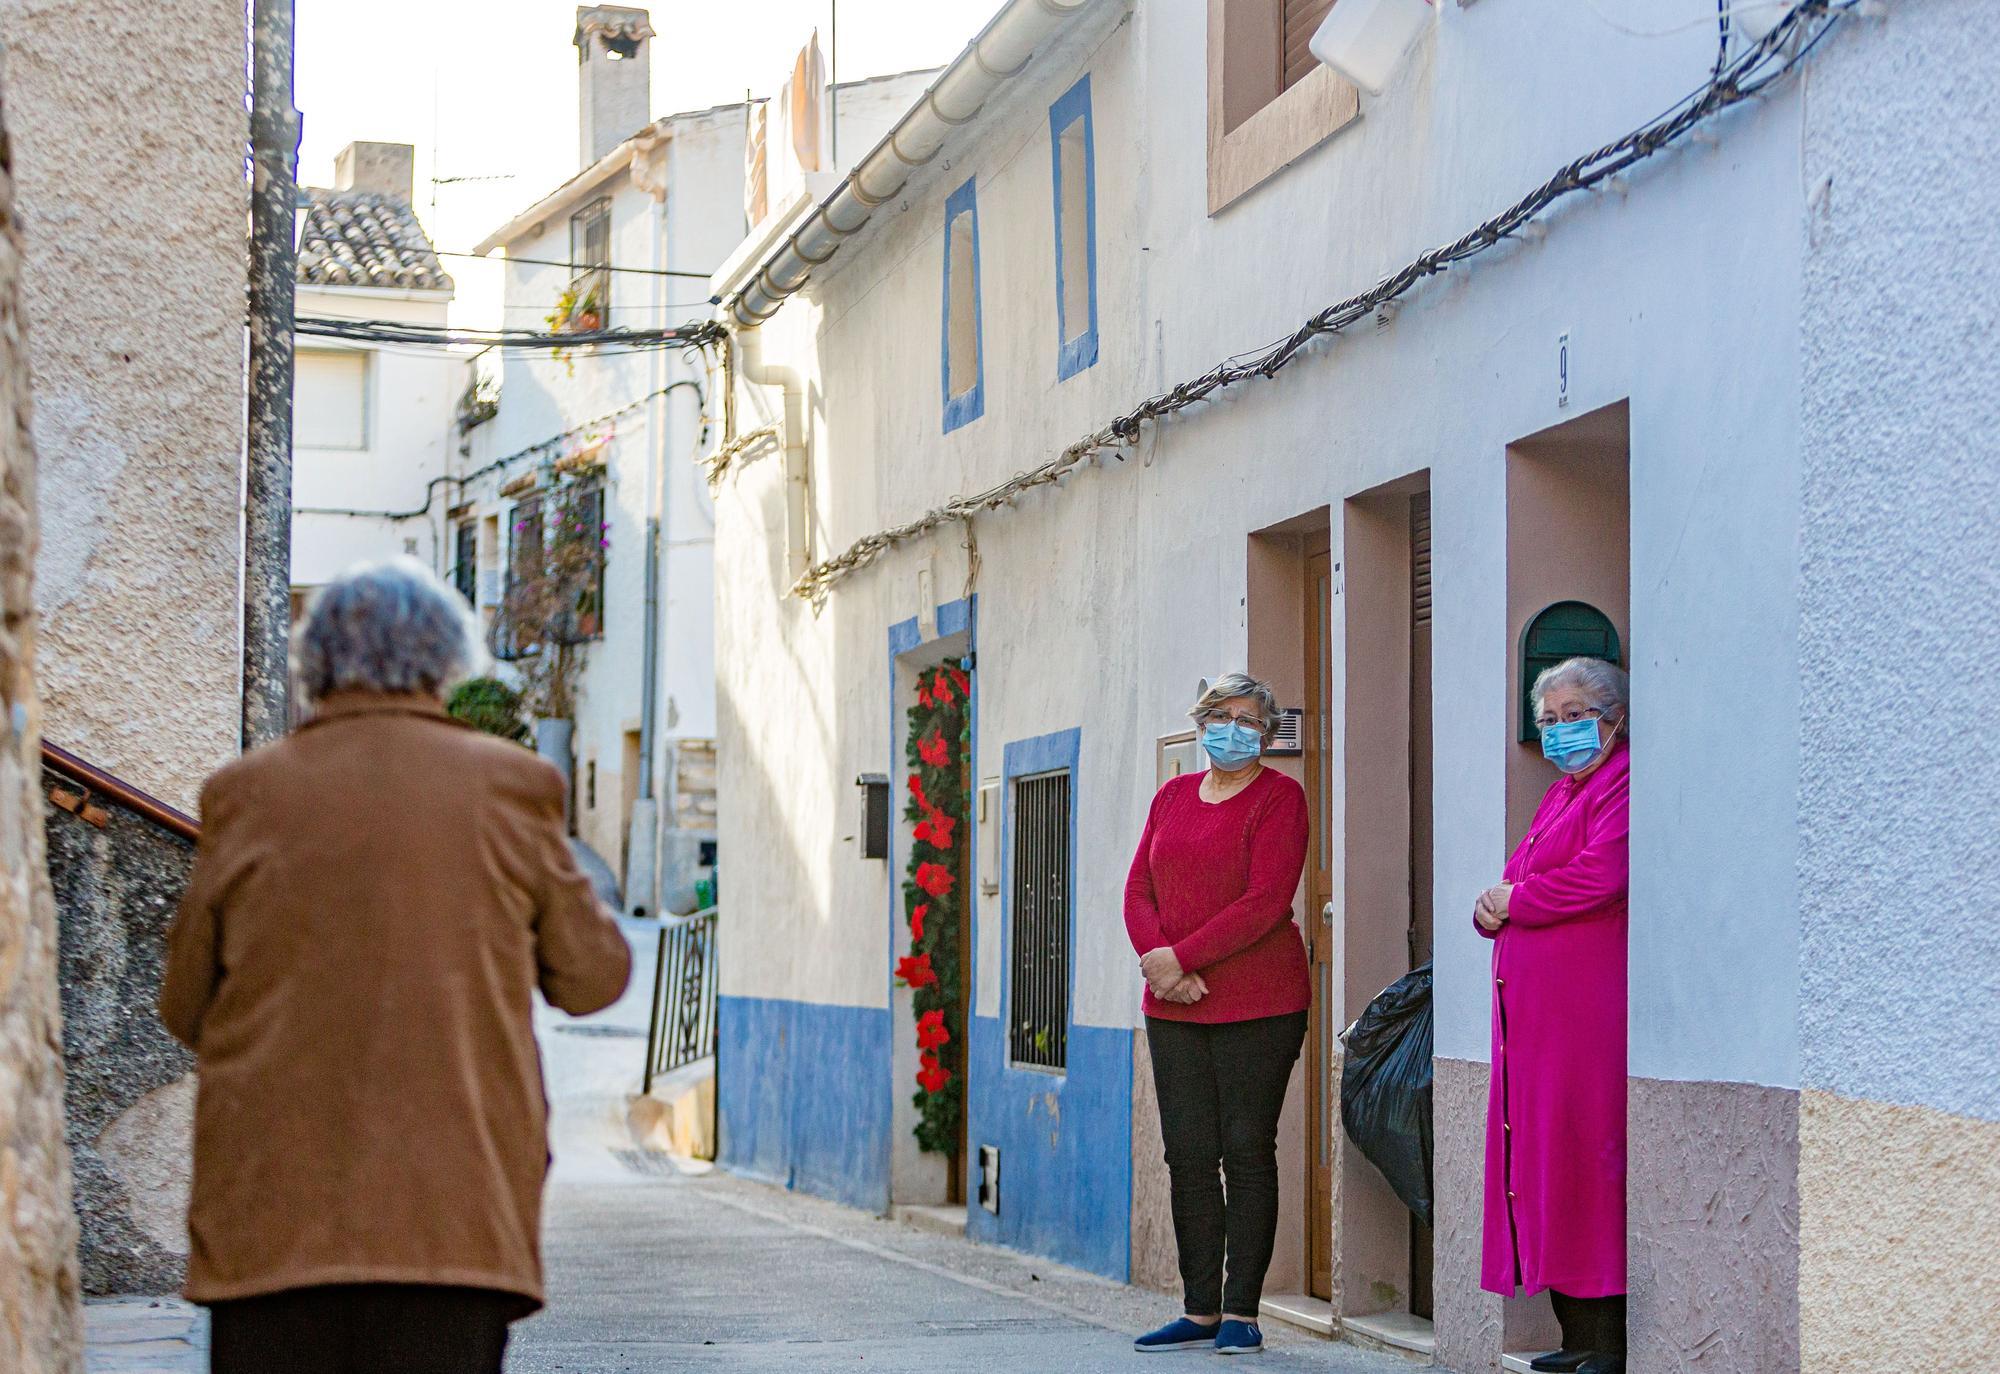 Los vecinos de Sella, entre la preocupación y el miedo ante el aumento de casos